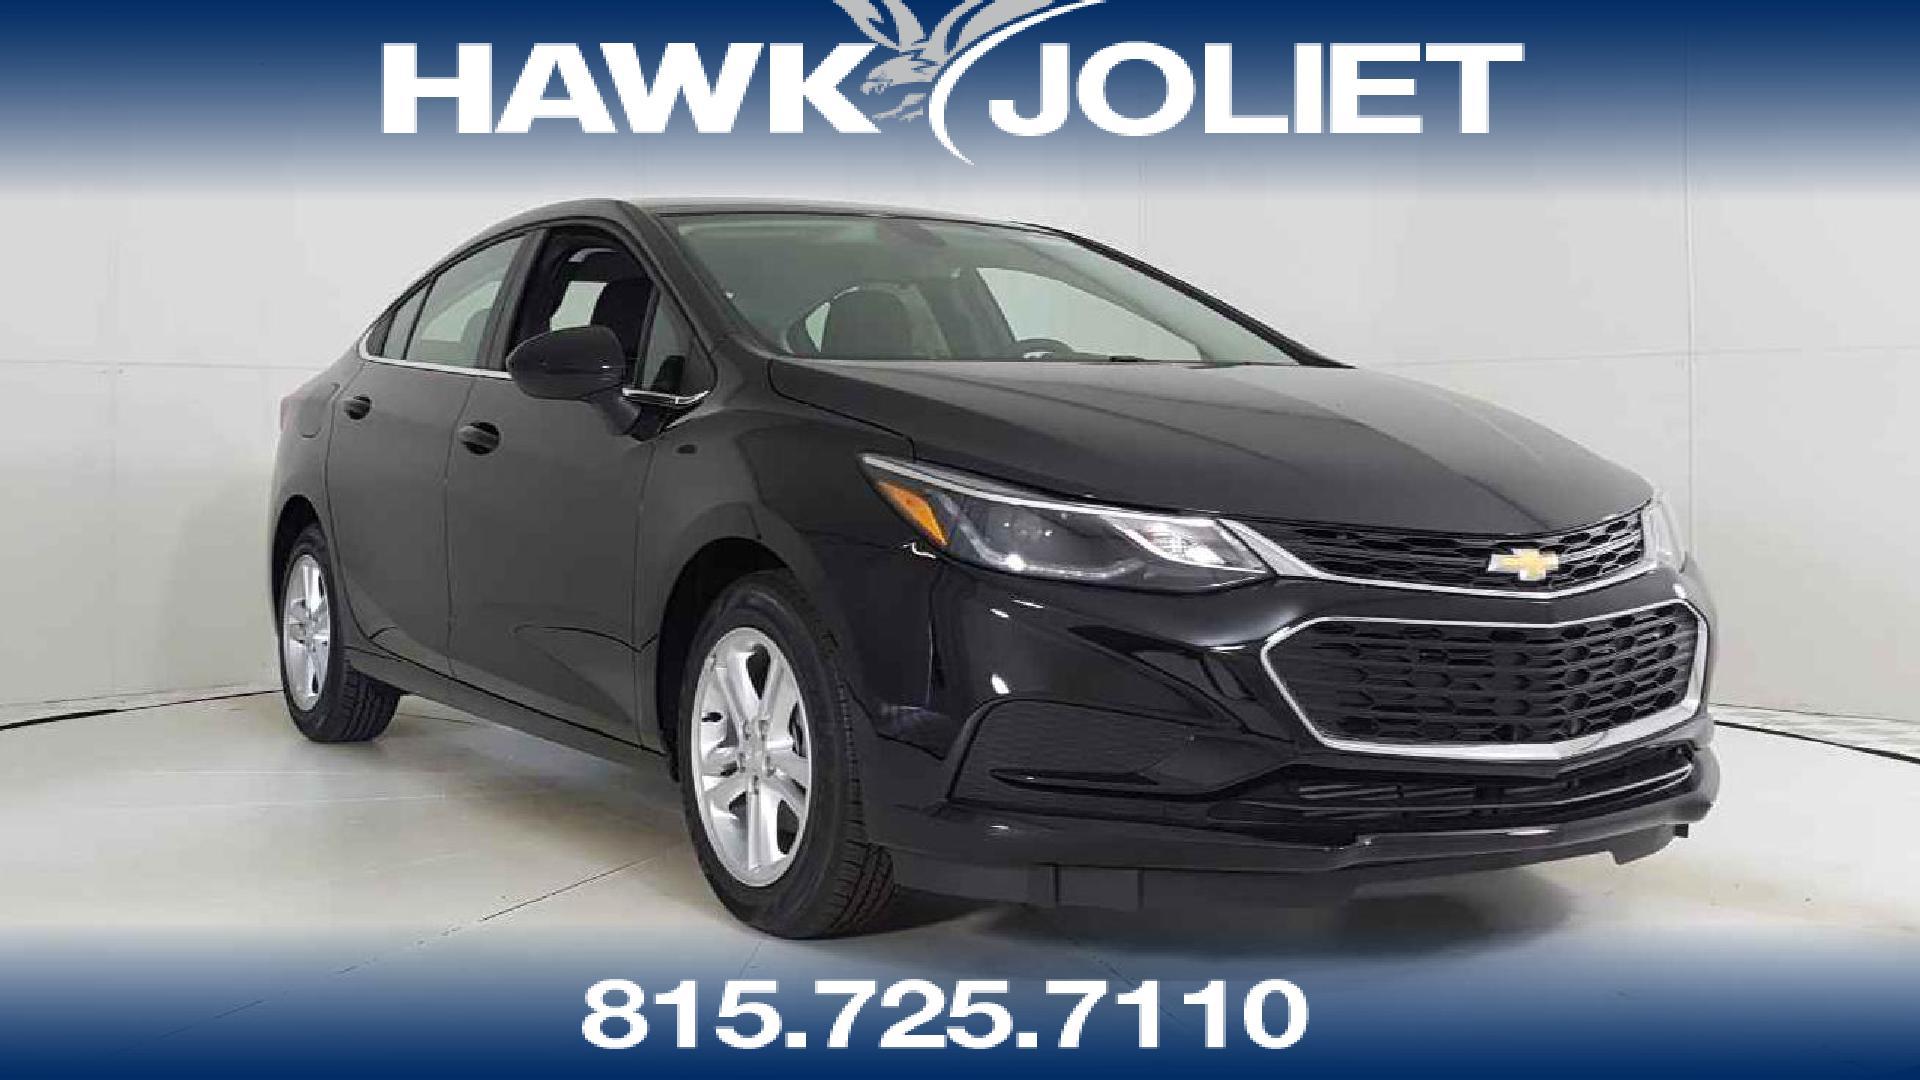 2018 Chevrolet Cruze for sale in Joliet 1G1BE5SM3J Hawk